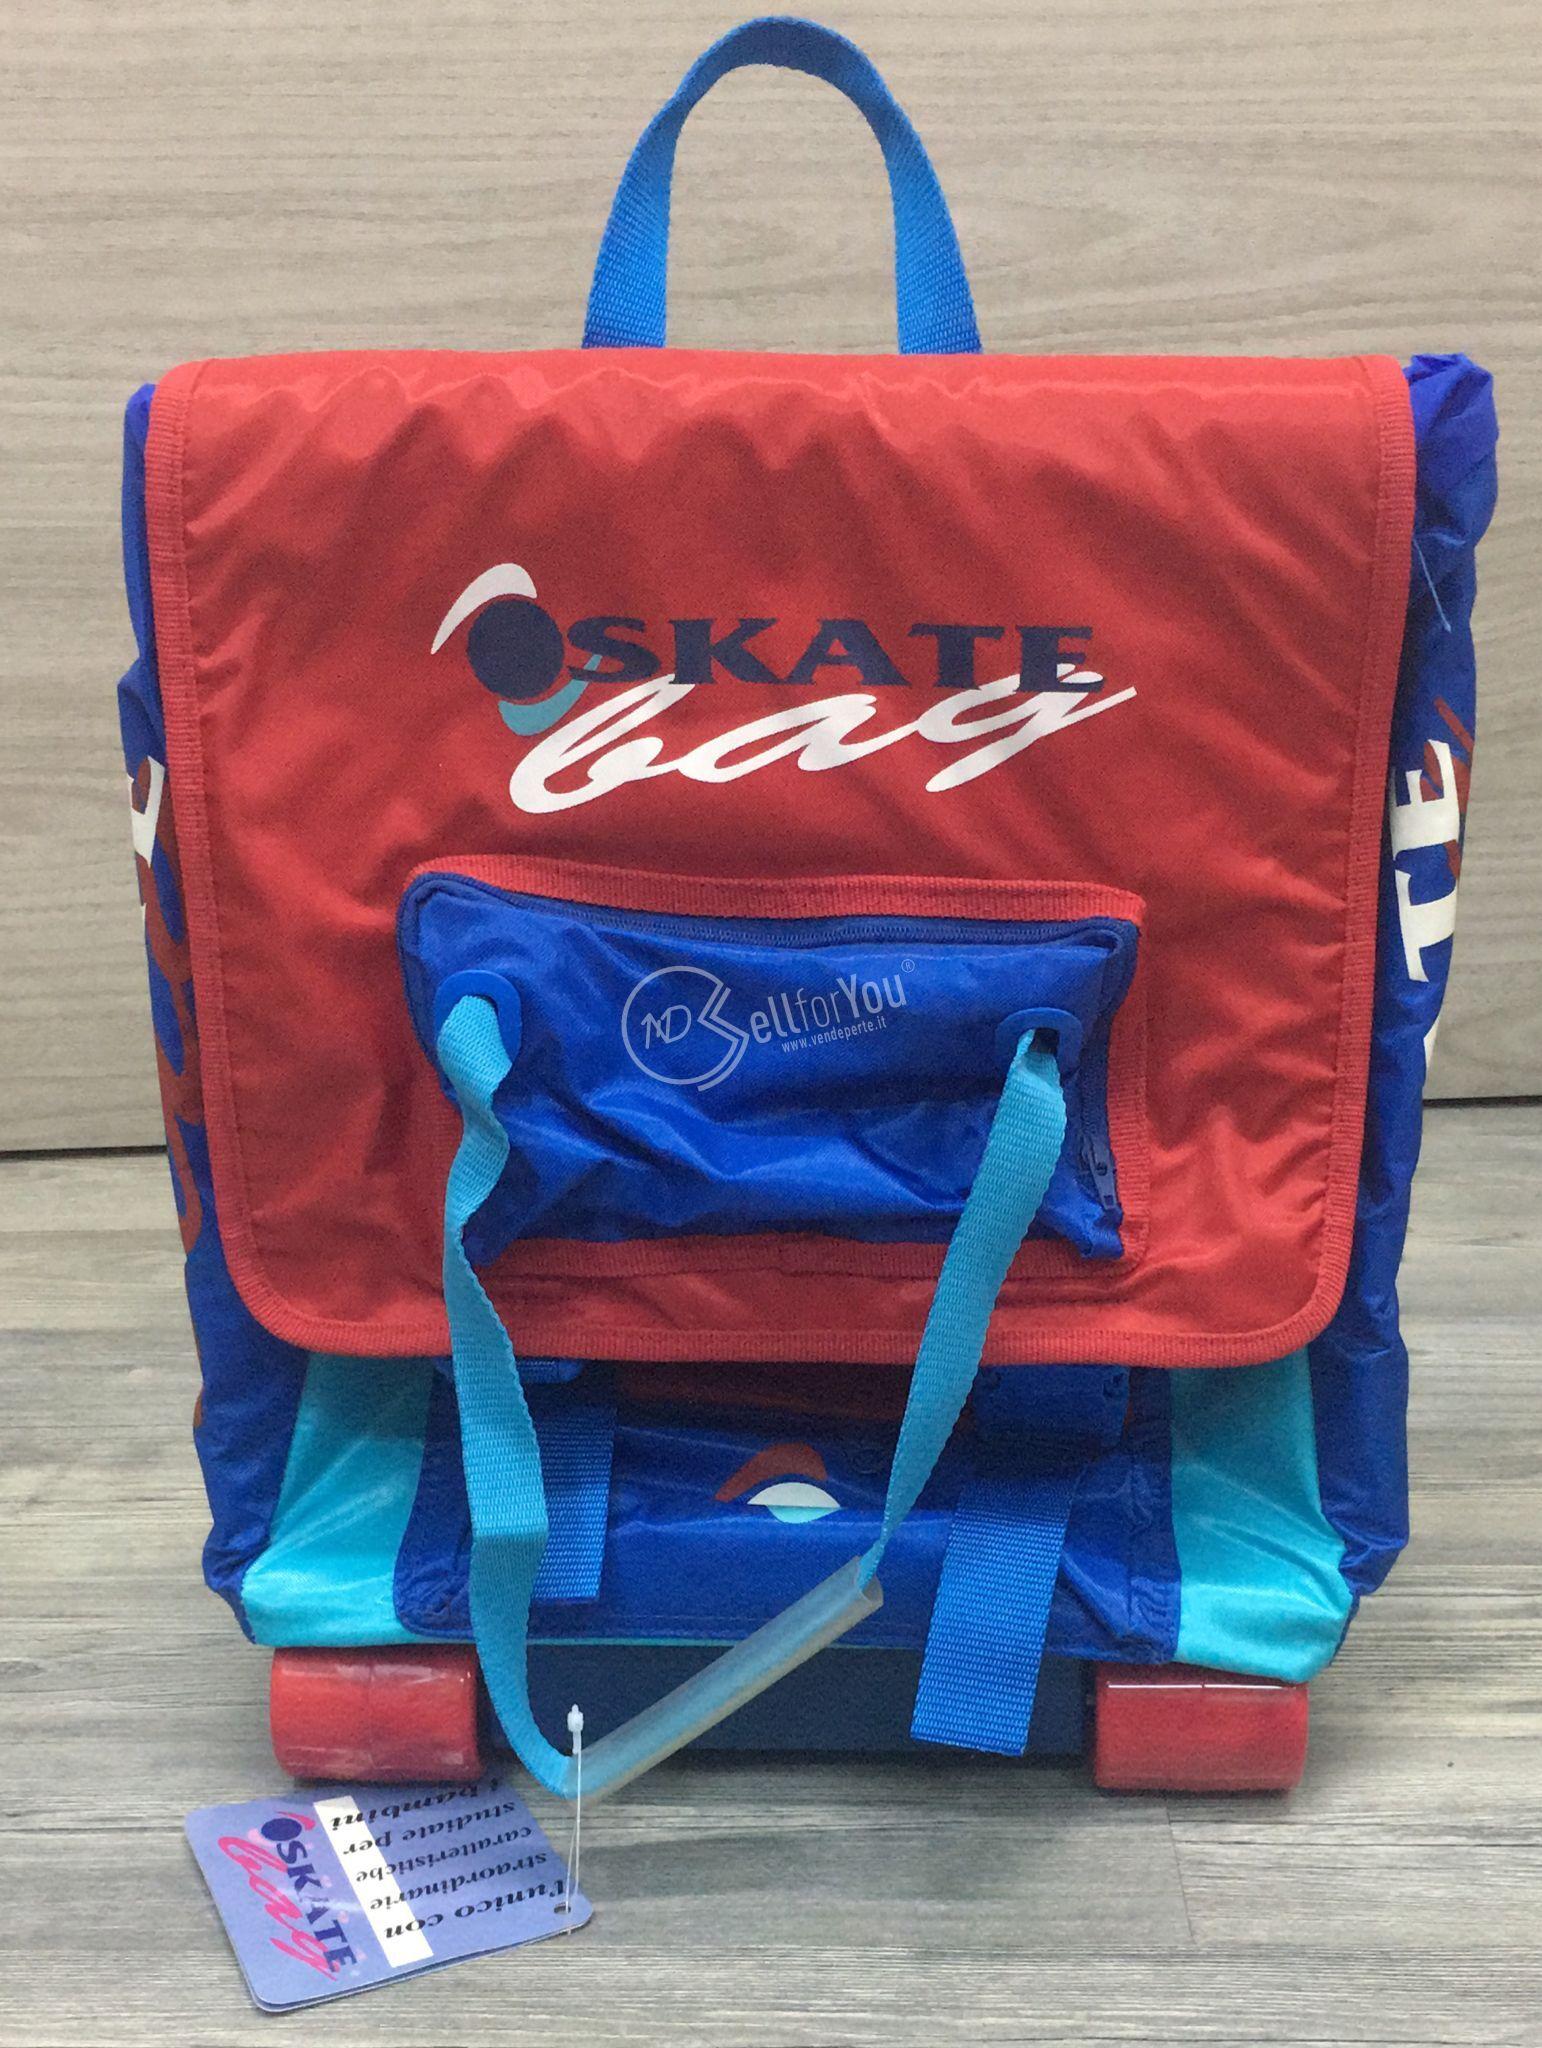 sellforyou immagine default articolo correlato non trovatoZaino scuola bambino Skate Bag rosso e blu